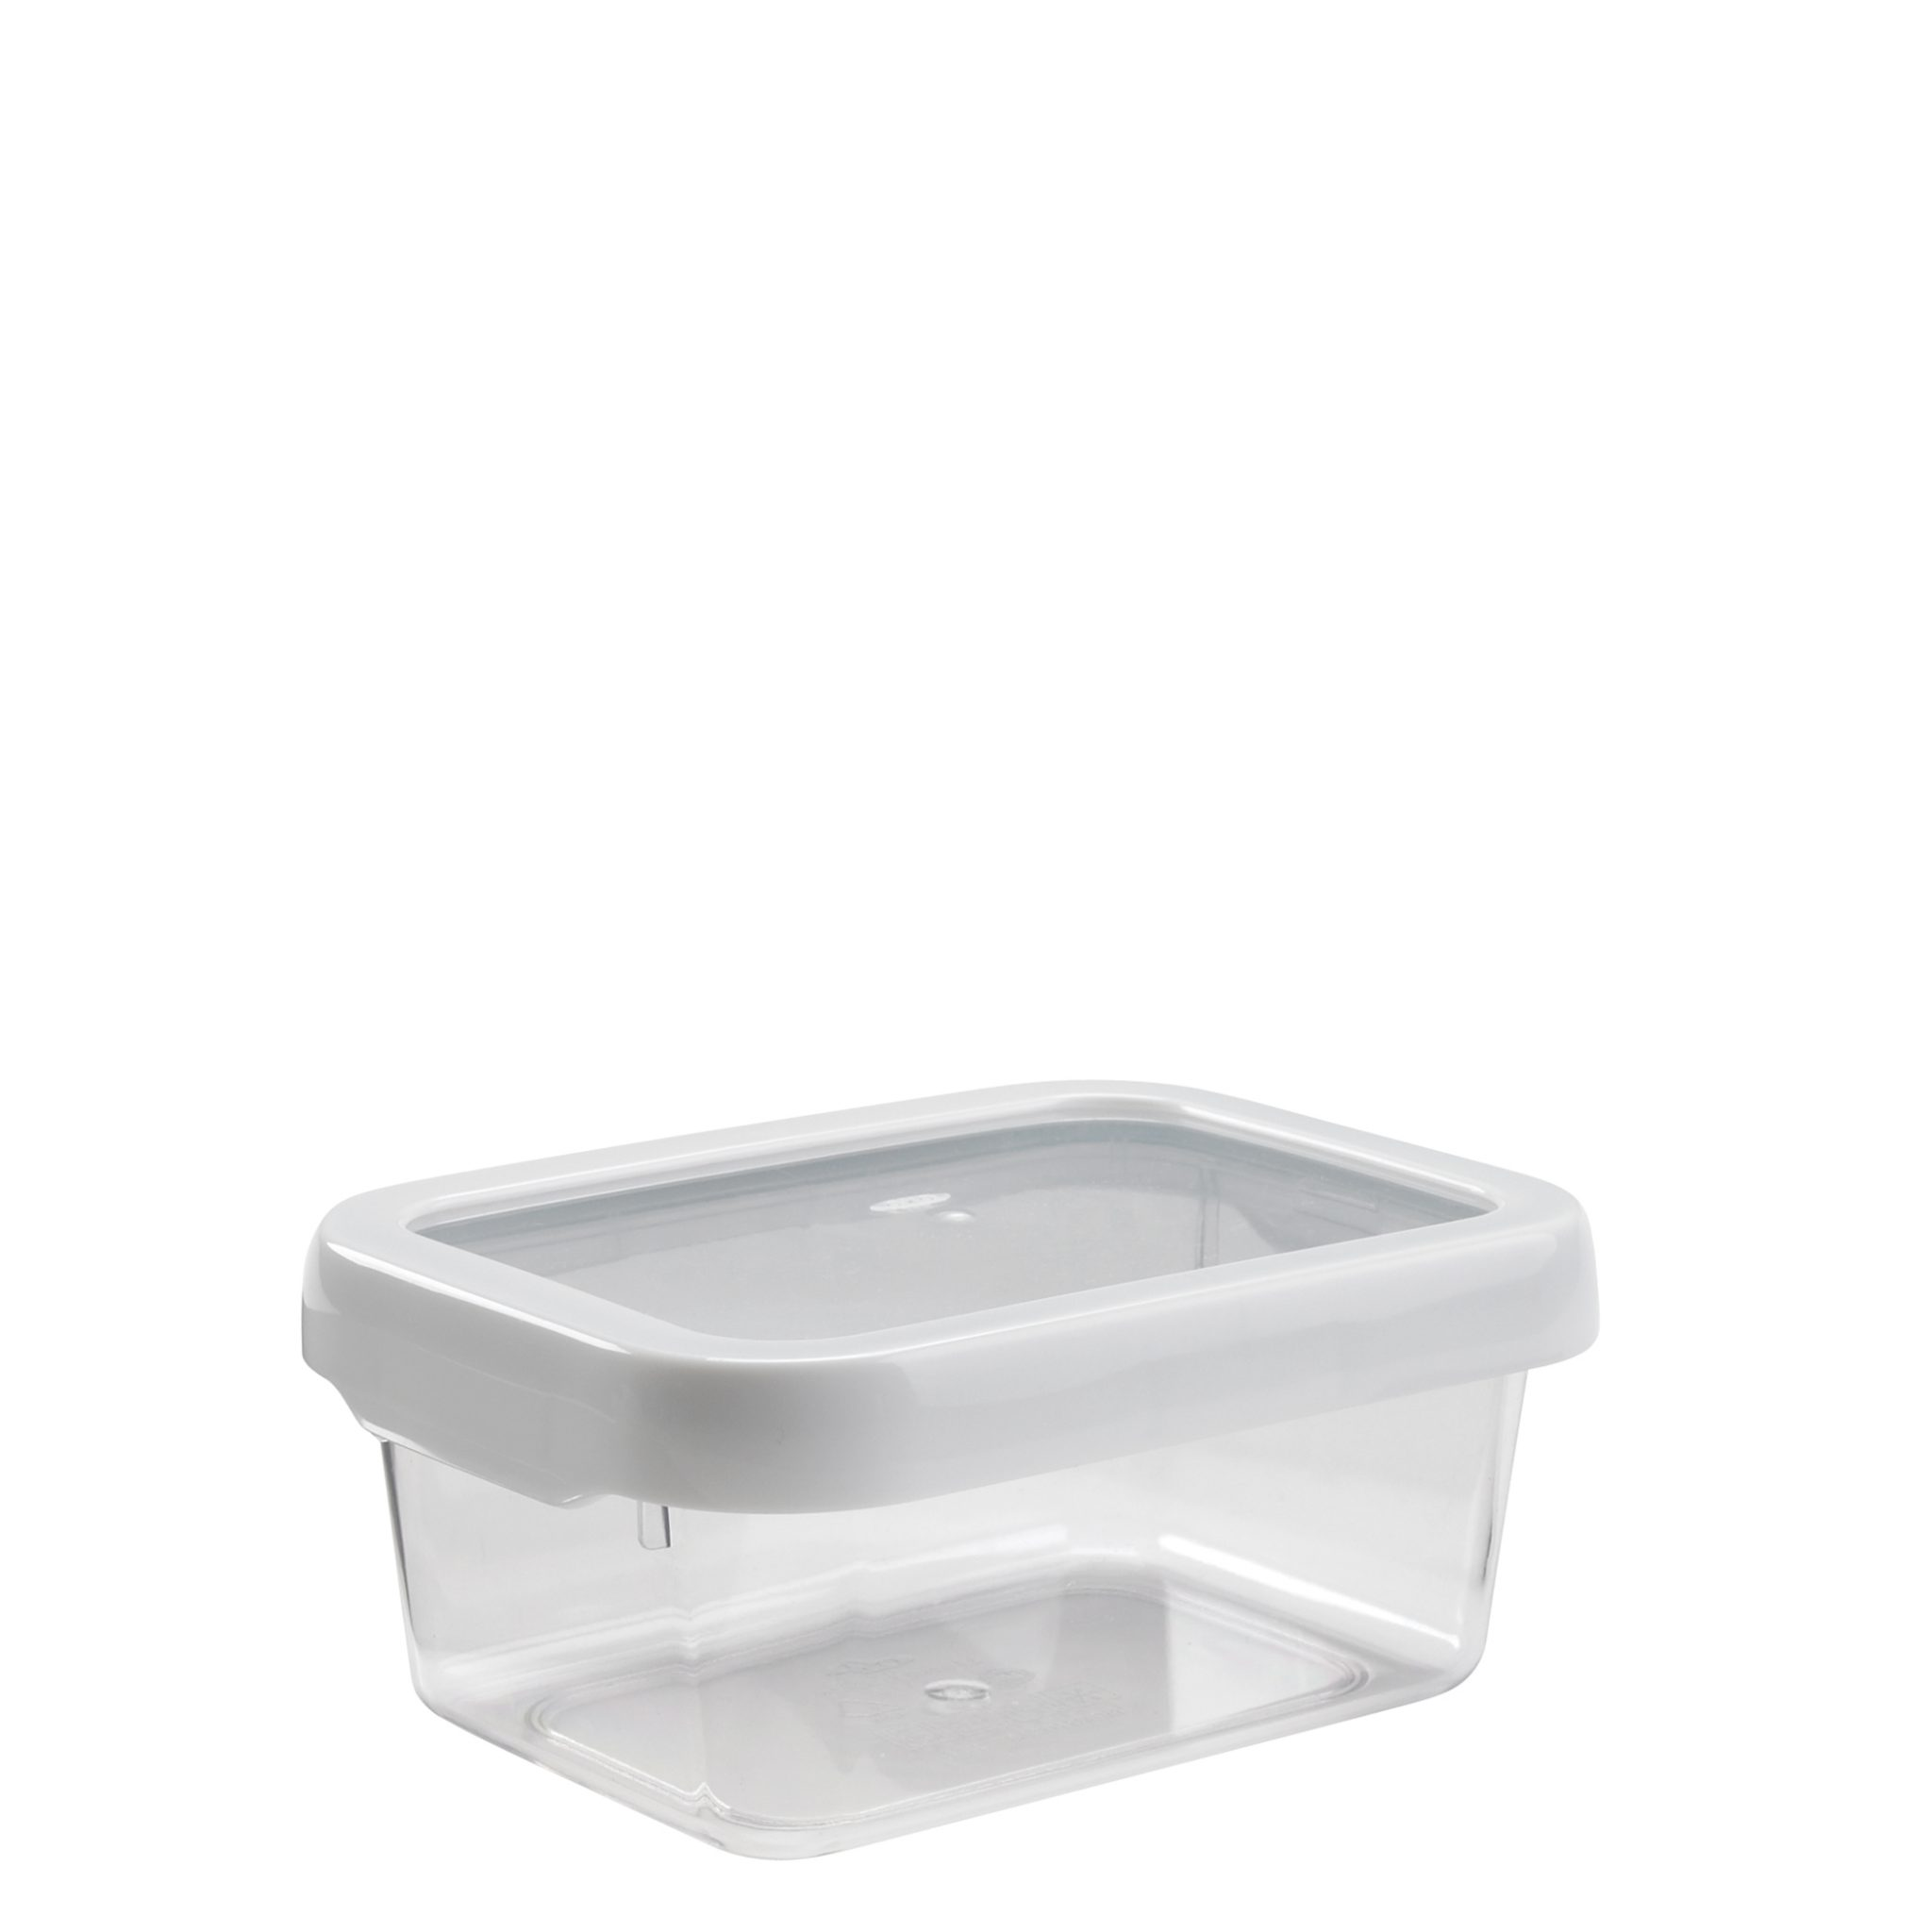 美國 OXO 好好開密封保鮮盒 0.9L